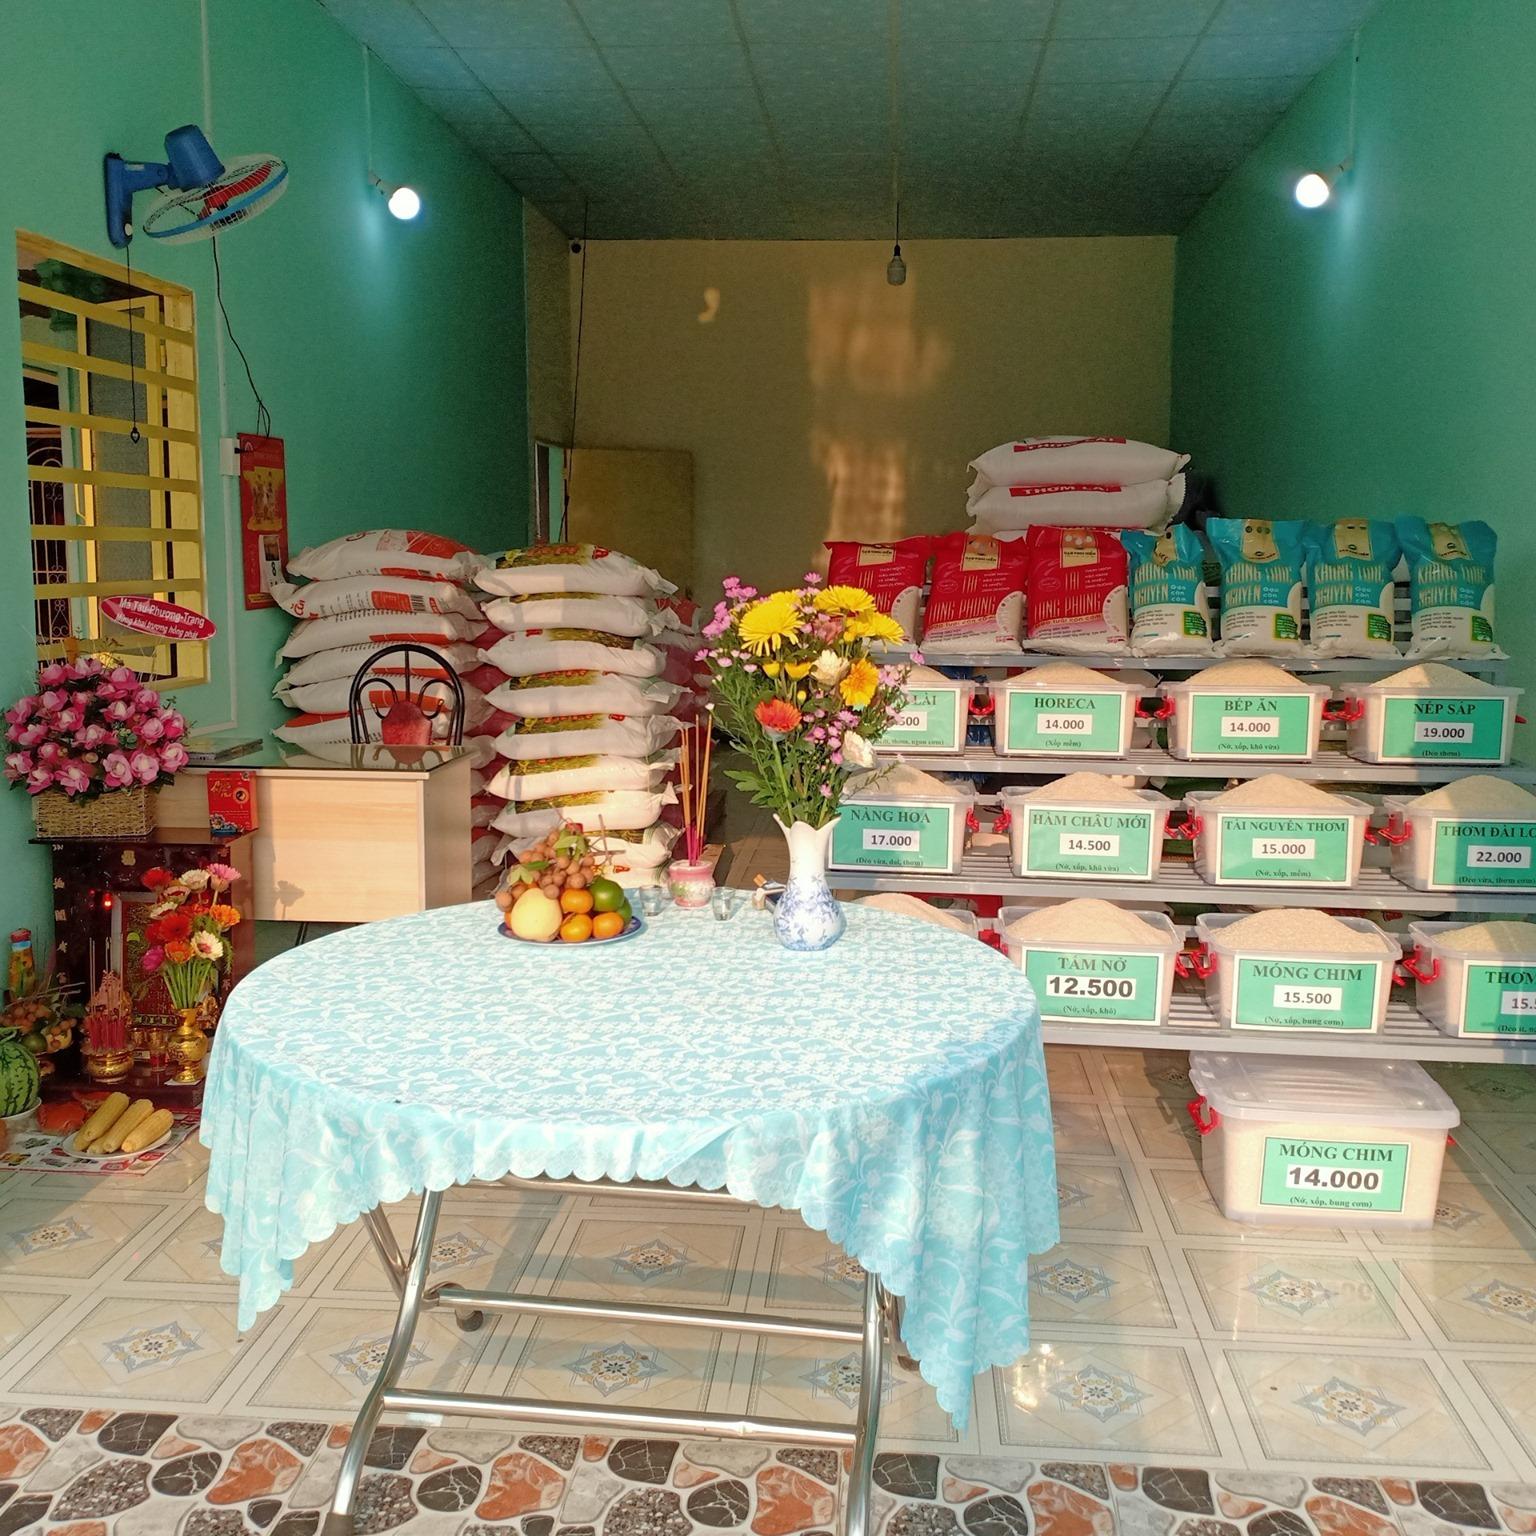 Đại lý Quang Vinh chào đón quý khách mua gạo ở Tây Ninh